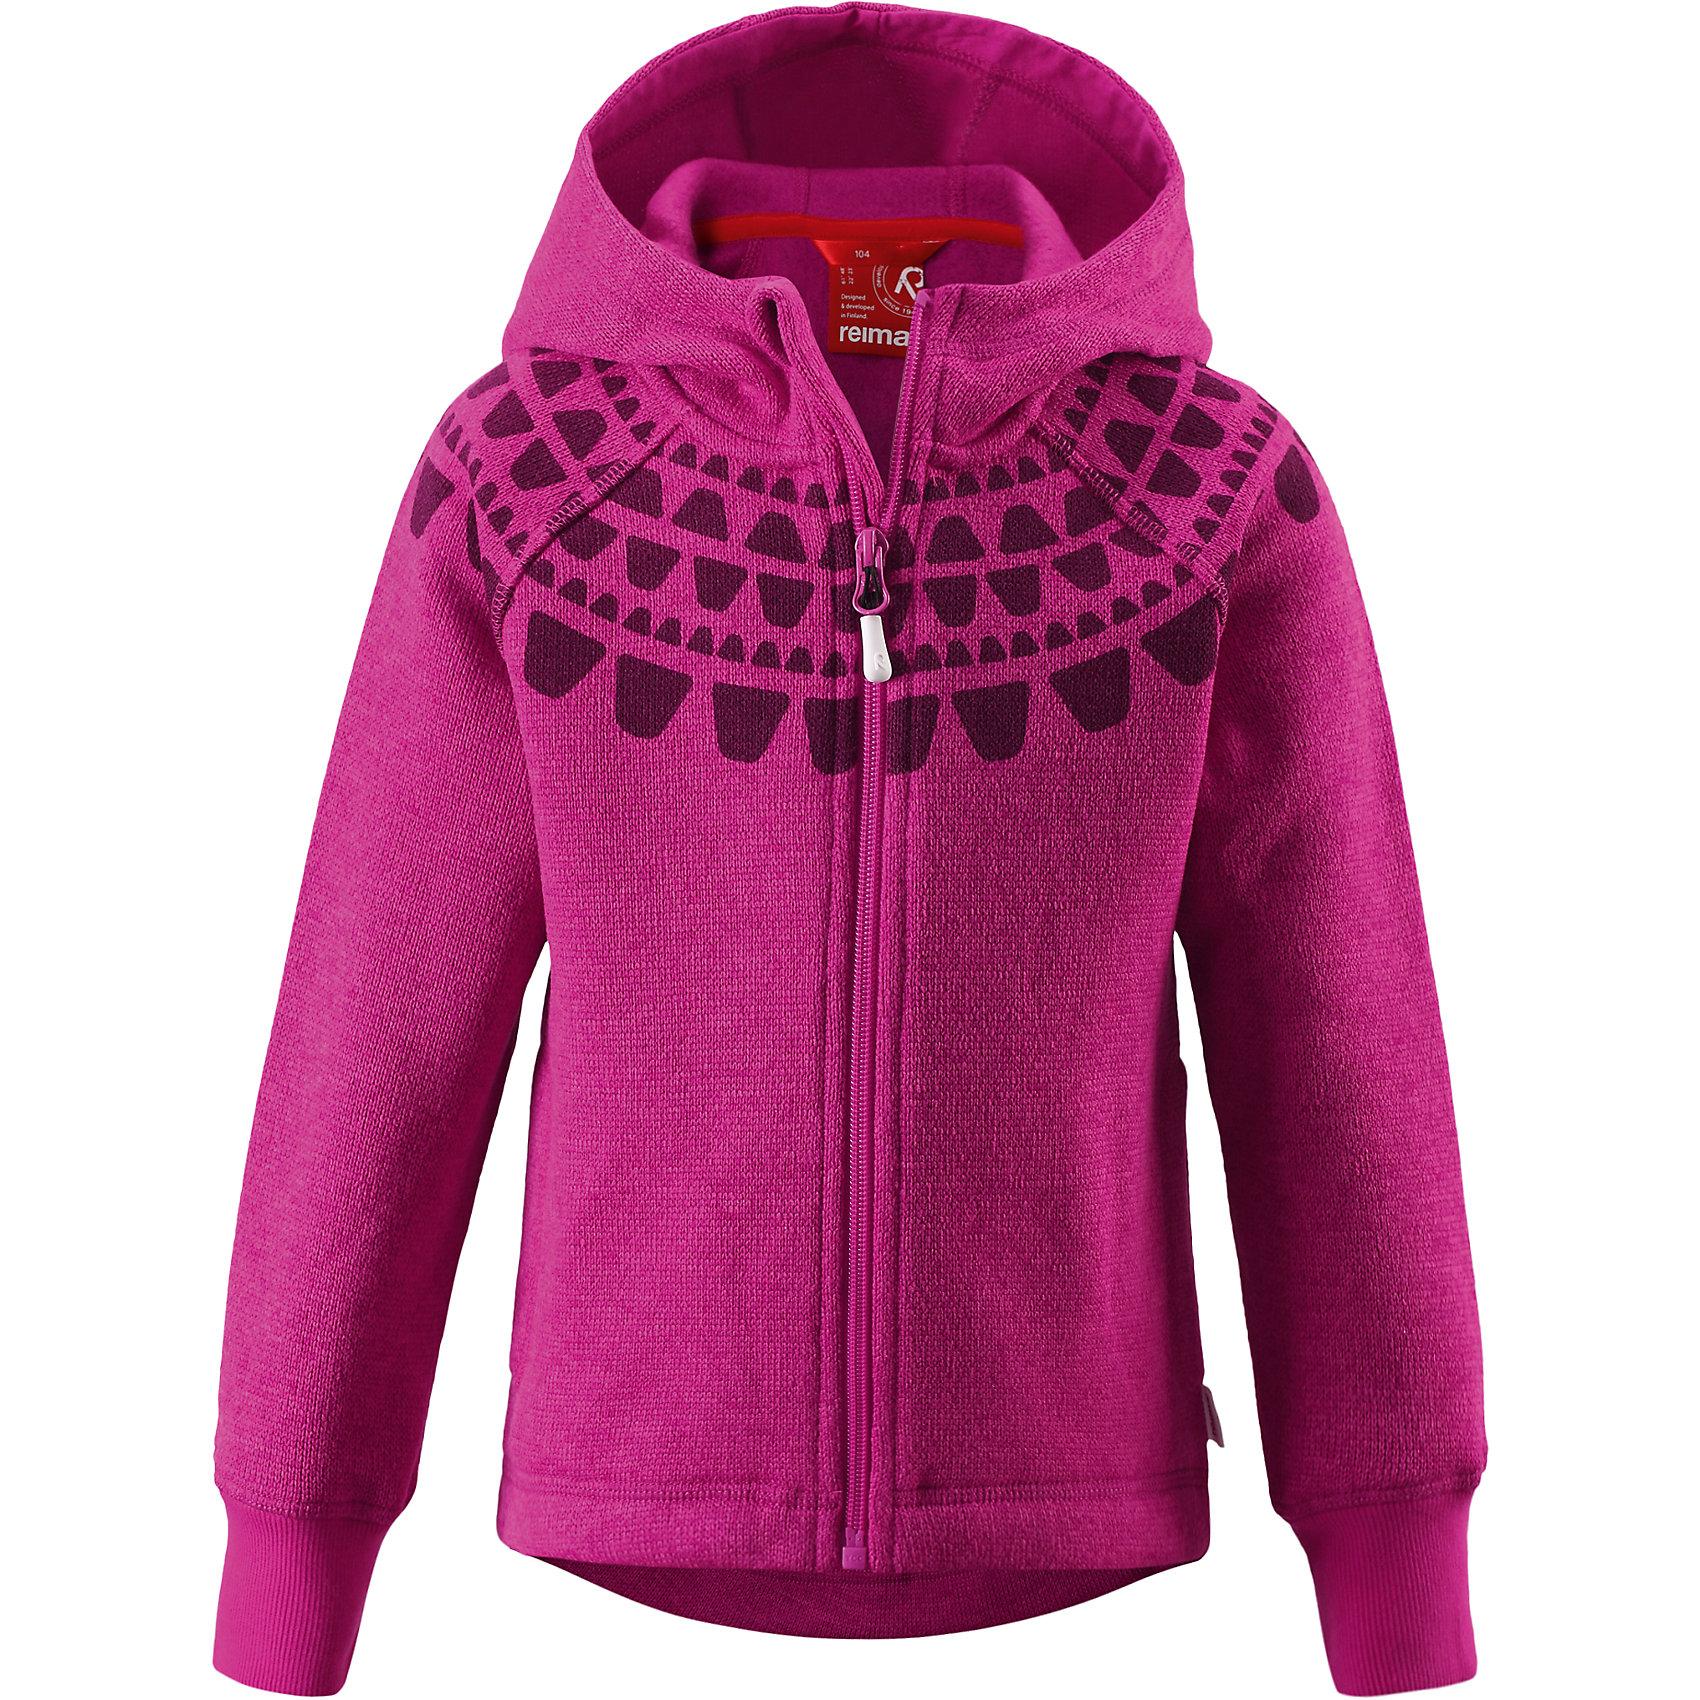 Reima Куртка флисовая Northern для девочки Reima